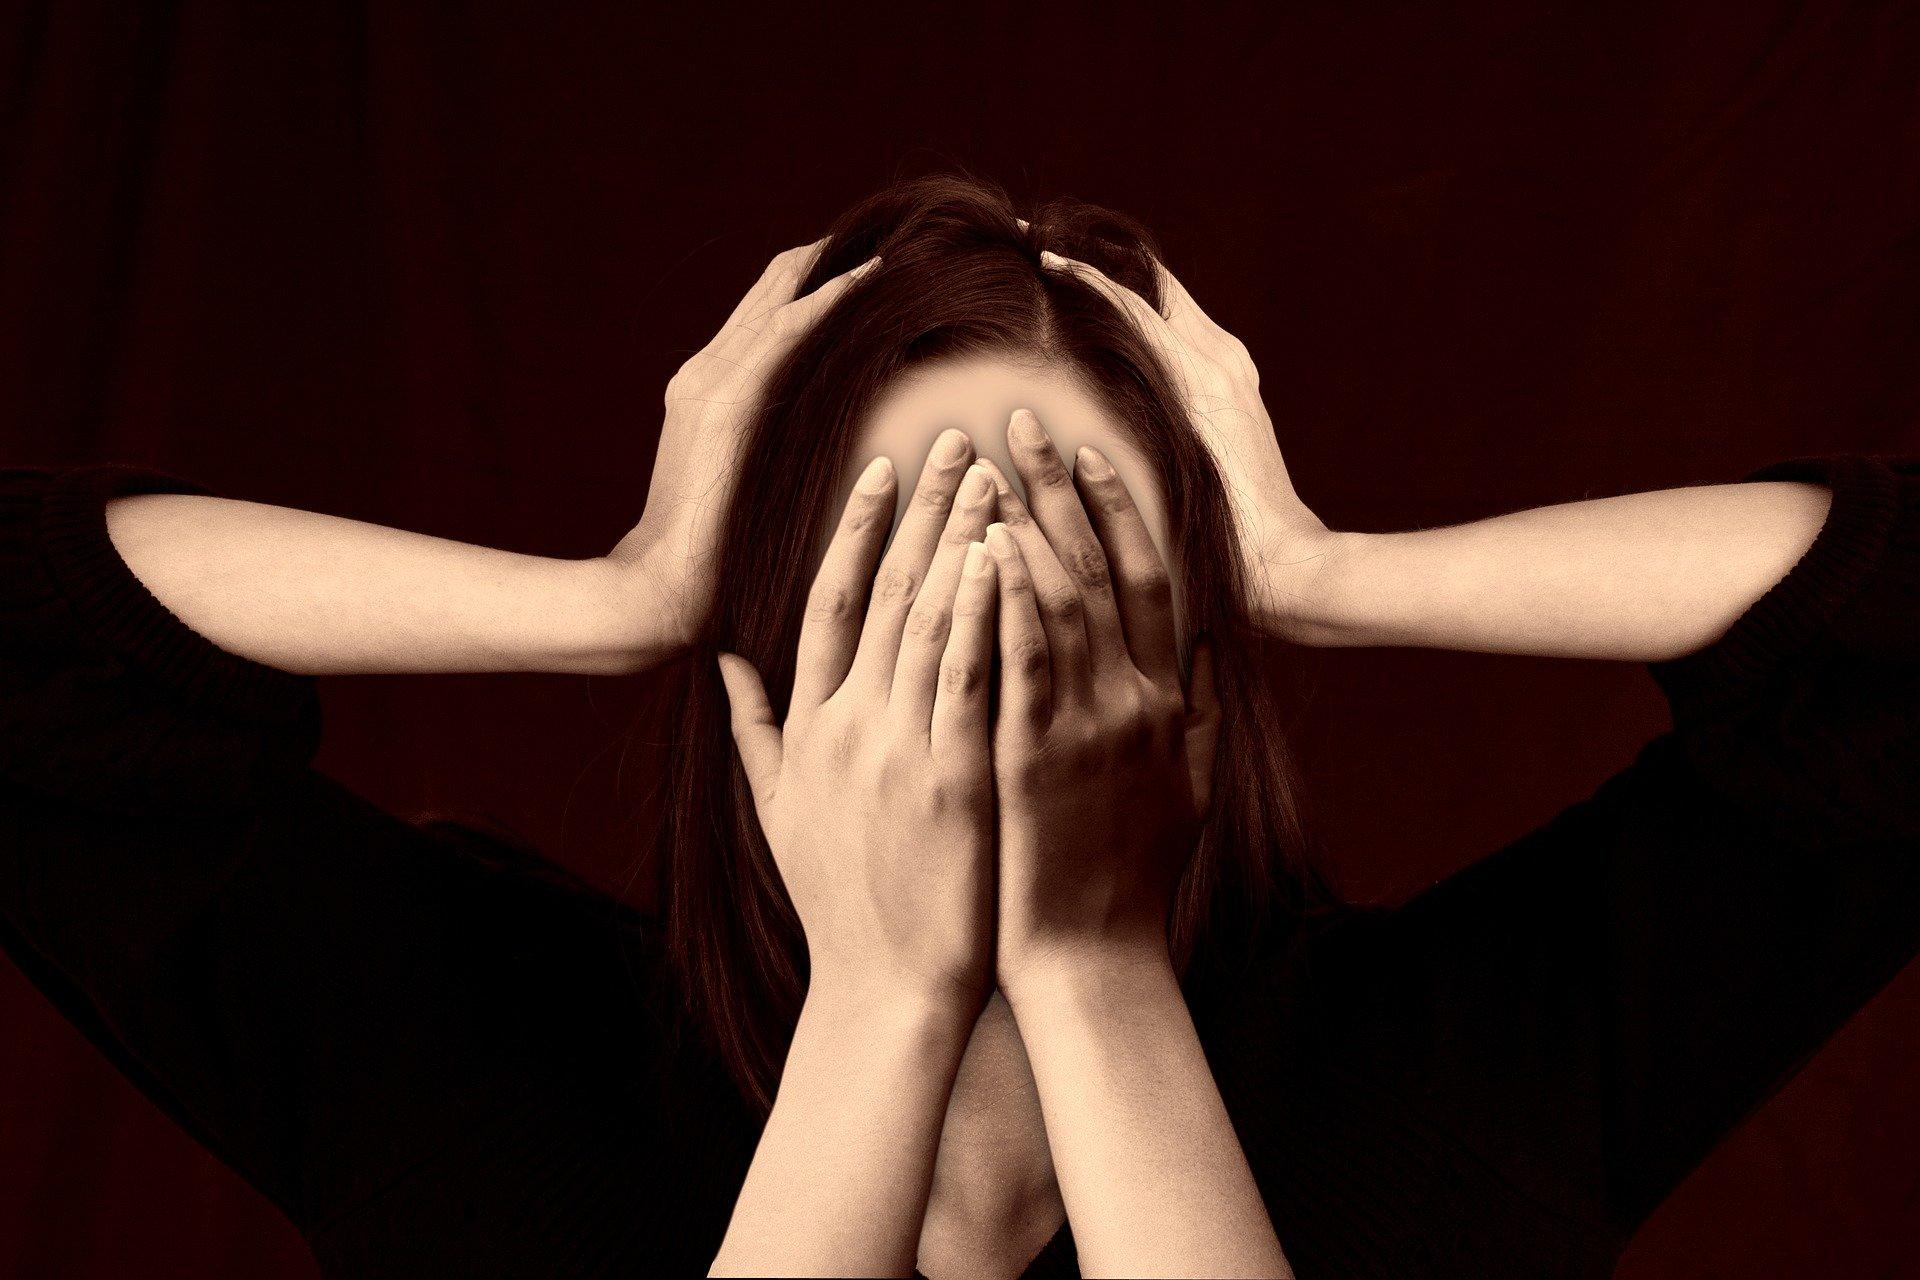 Razlika između psihoterapeuta i motivacijskog govornika